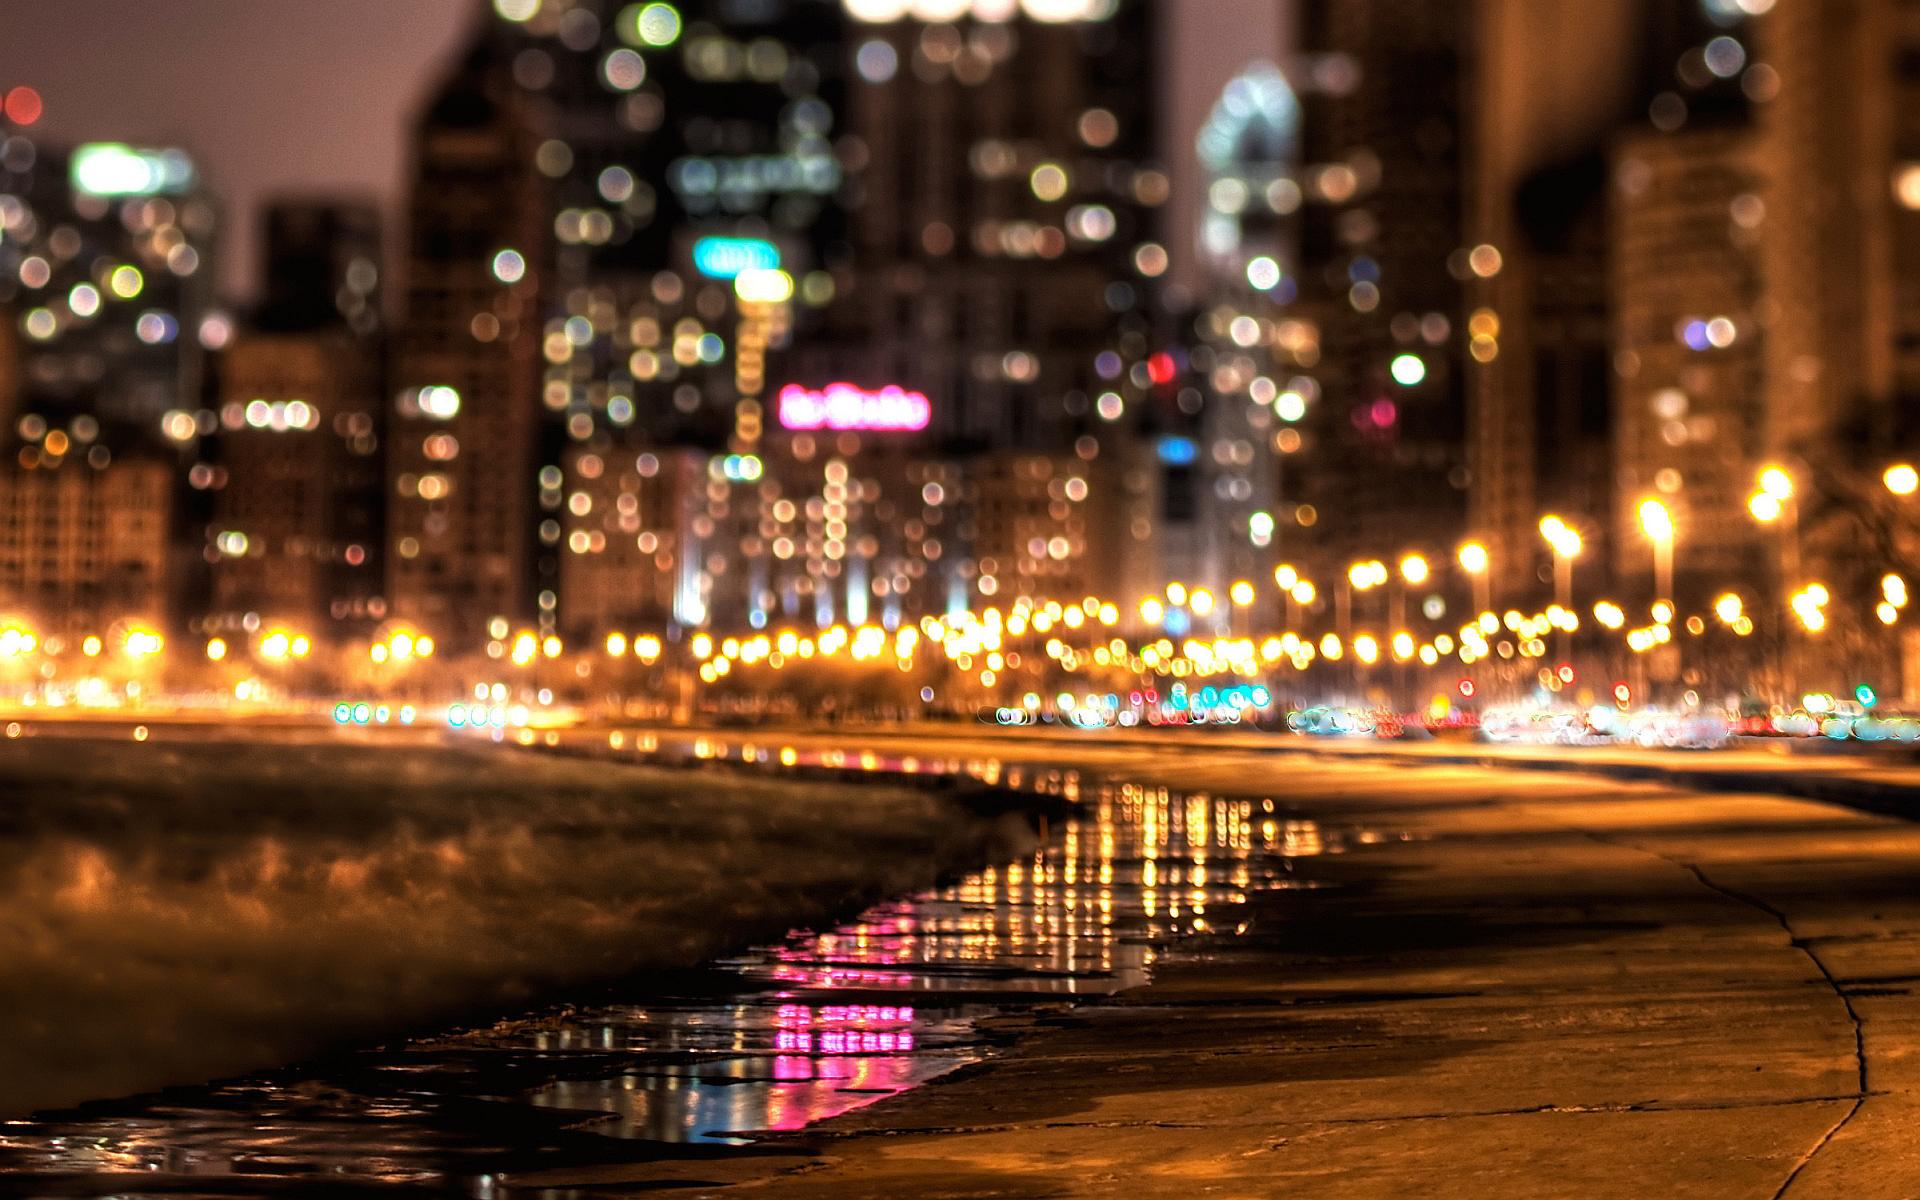 Nyc city lights